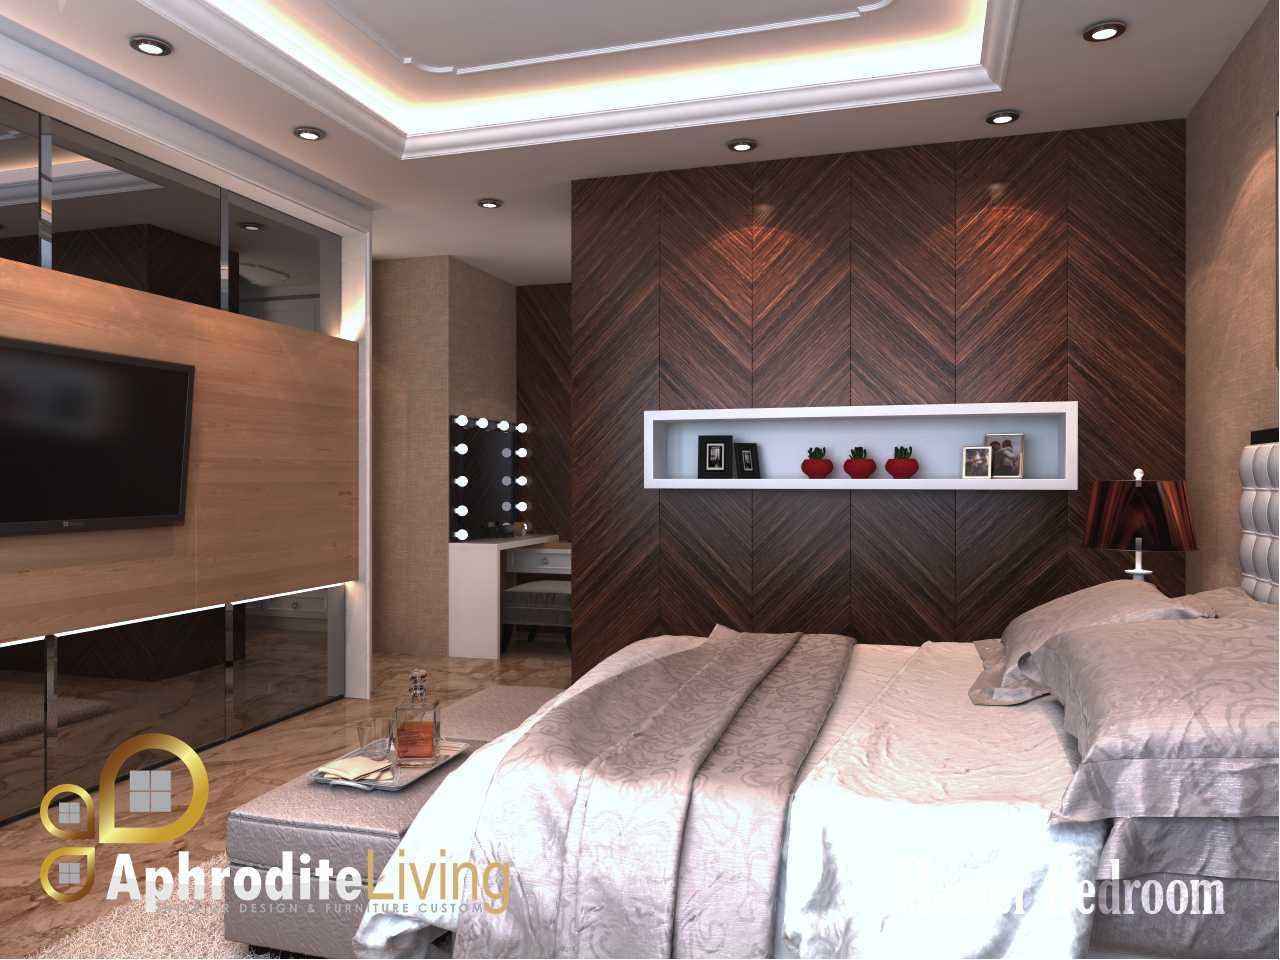 Adhitya Riyaldi Master Bedroom Kembangan, Jakarta, Indonesia Kembangan, Jakarta, Indonesia View 1  28852